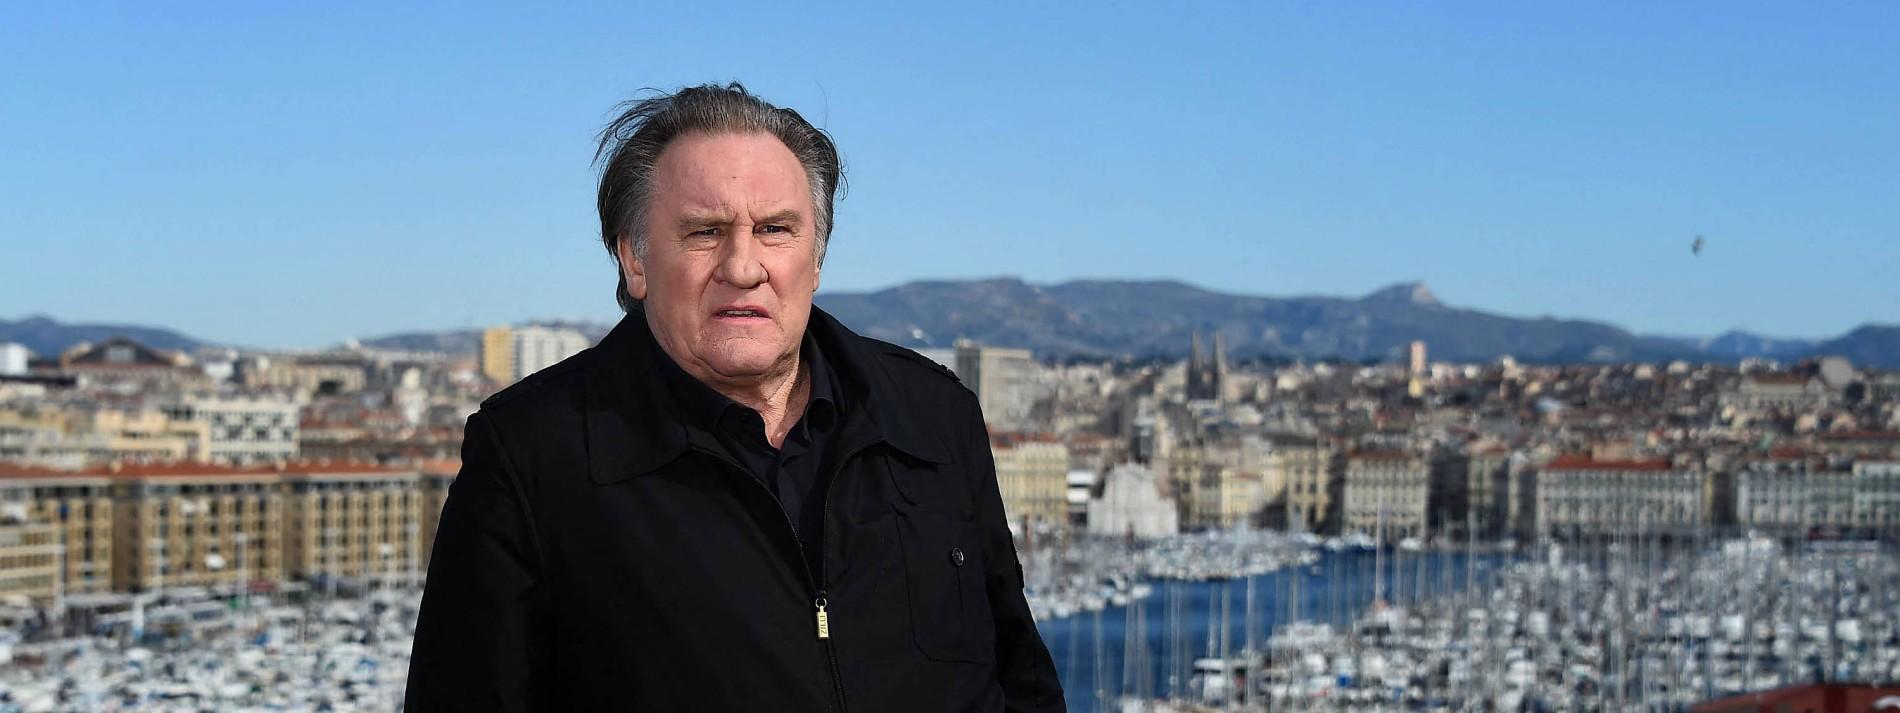 Ermittlungsverfahren gegen Depardieu